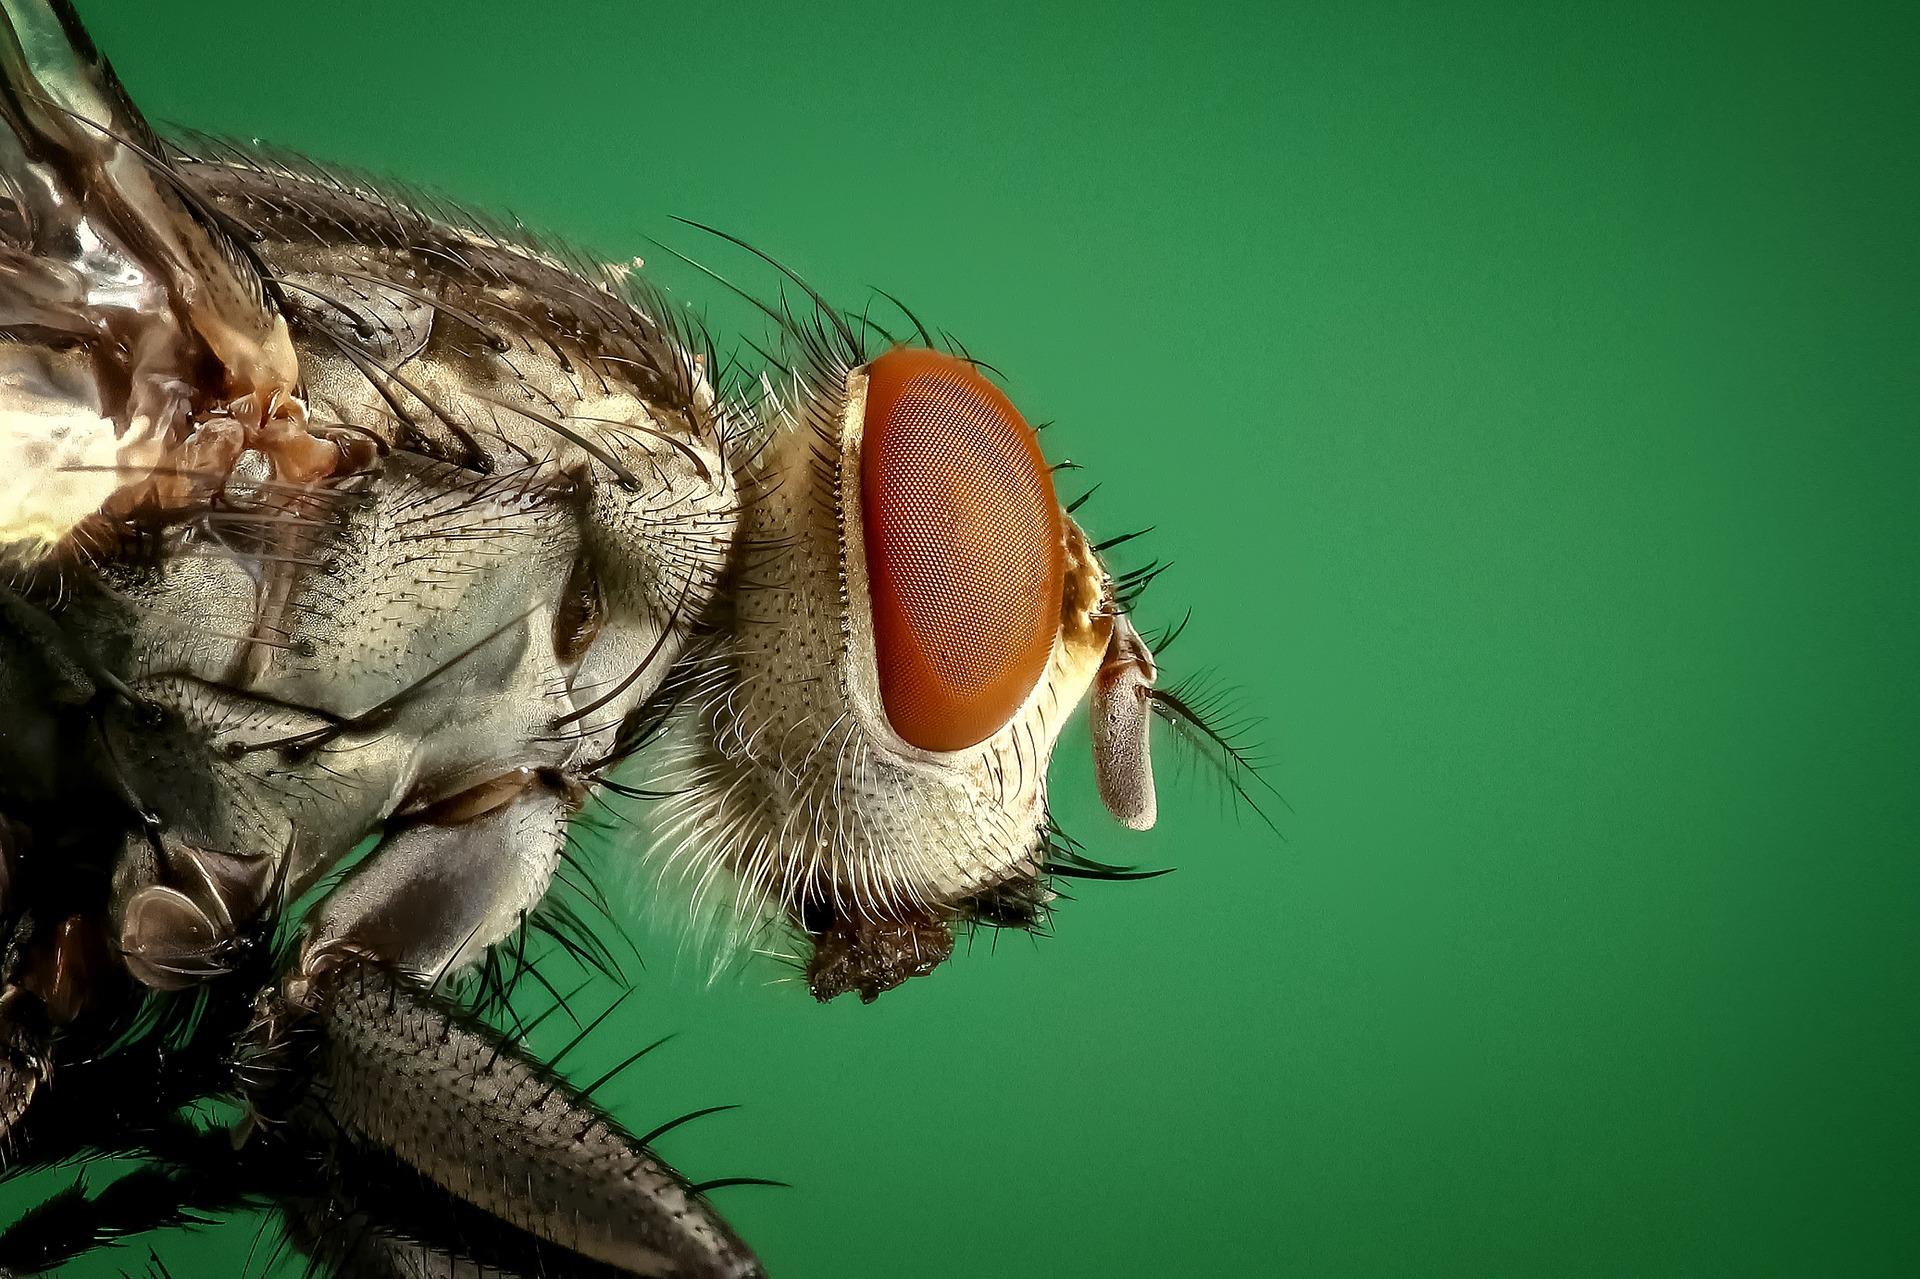 housefly-1127619_1920